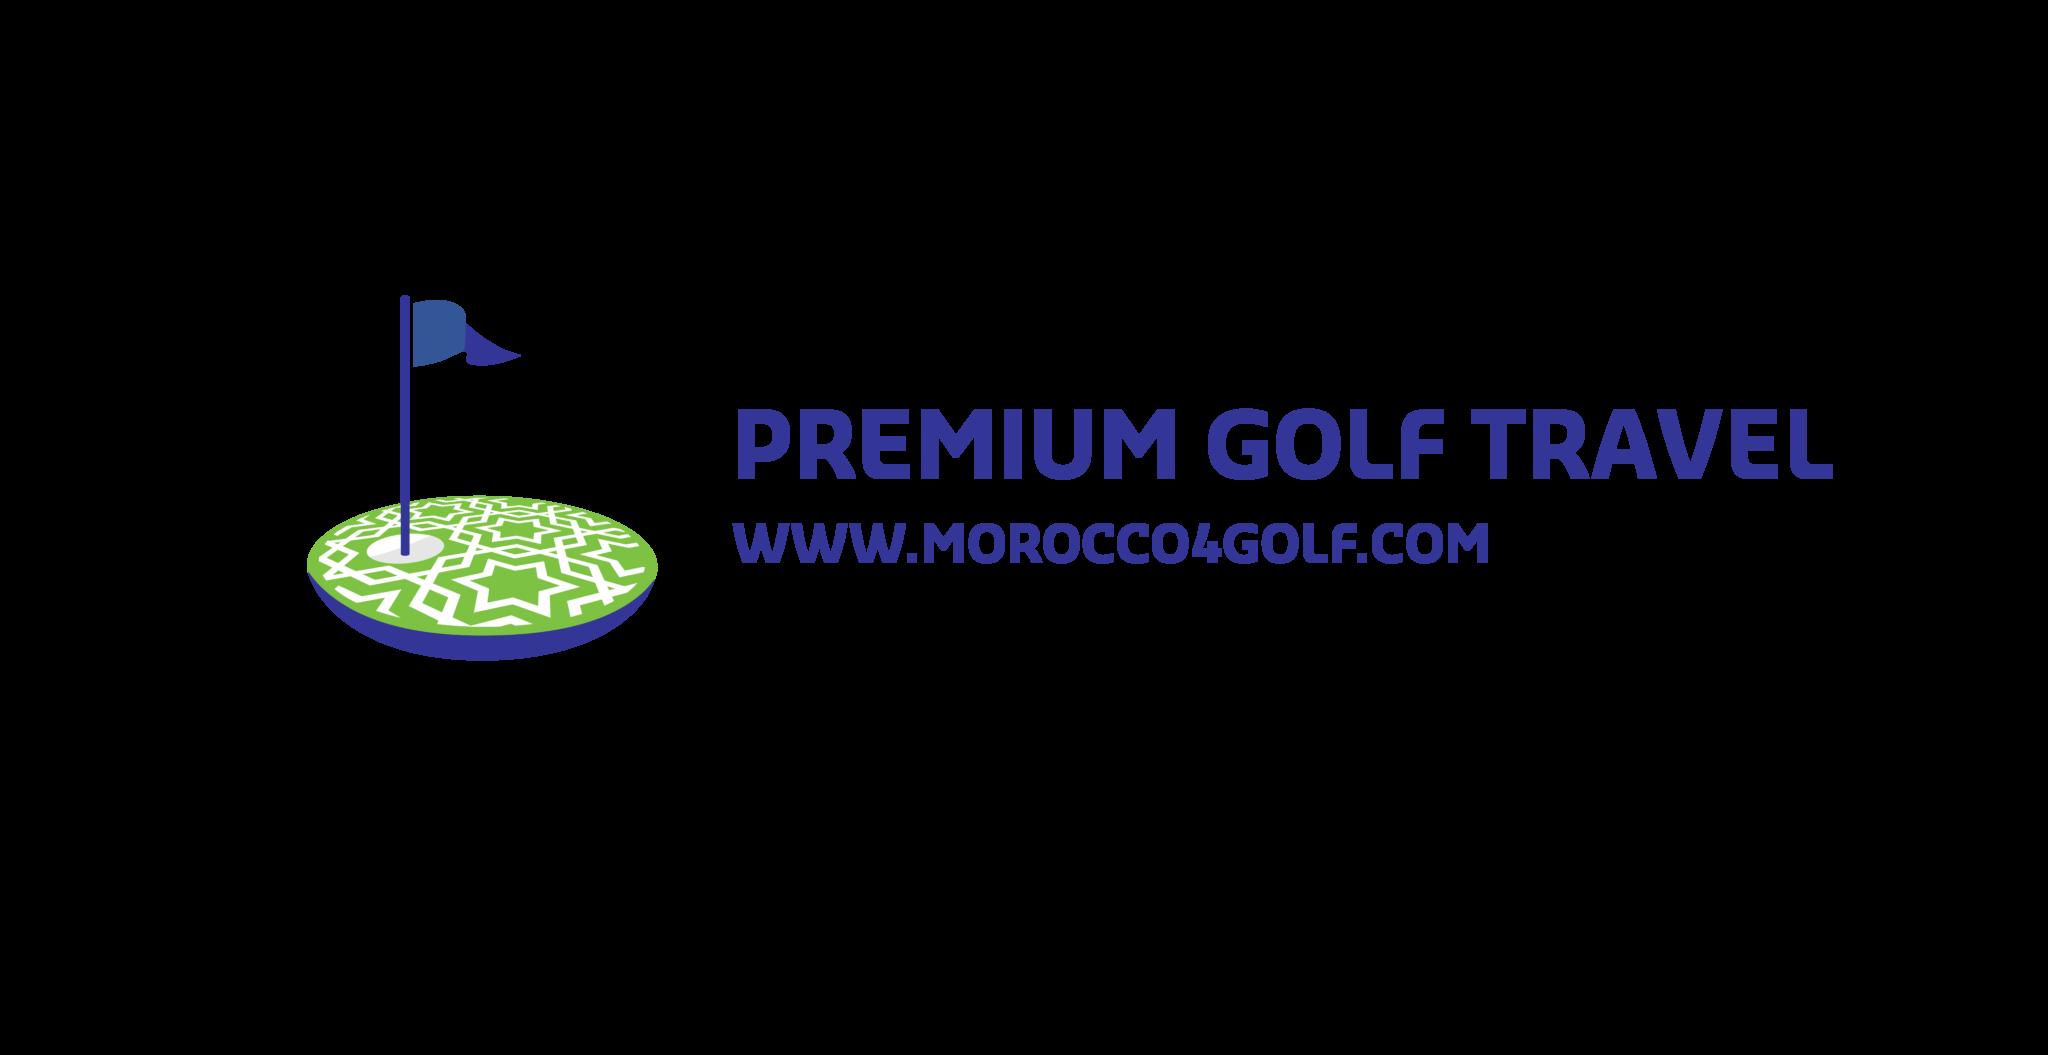 Morocco4golf.com